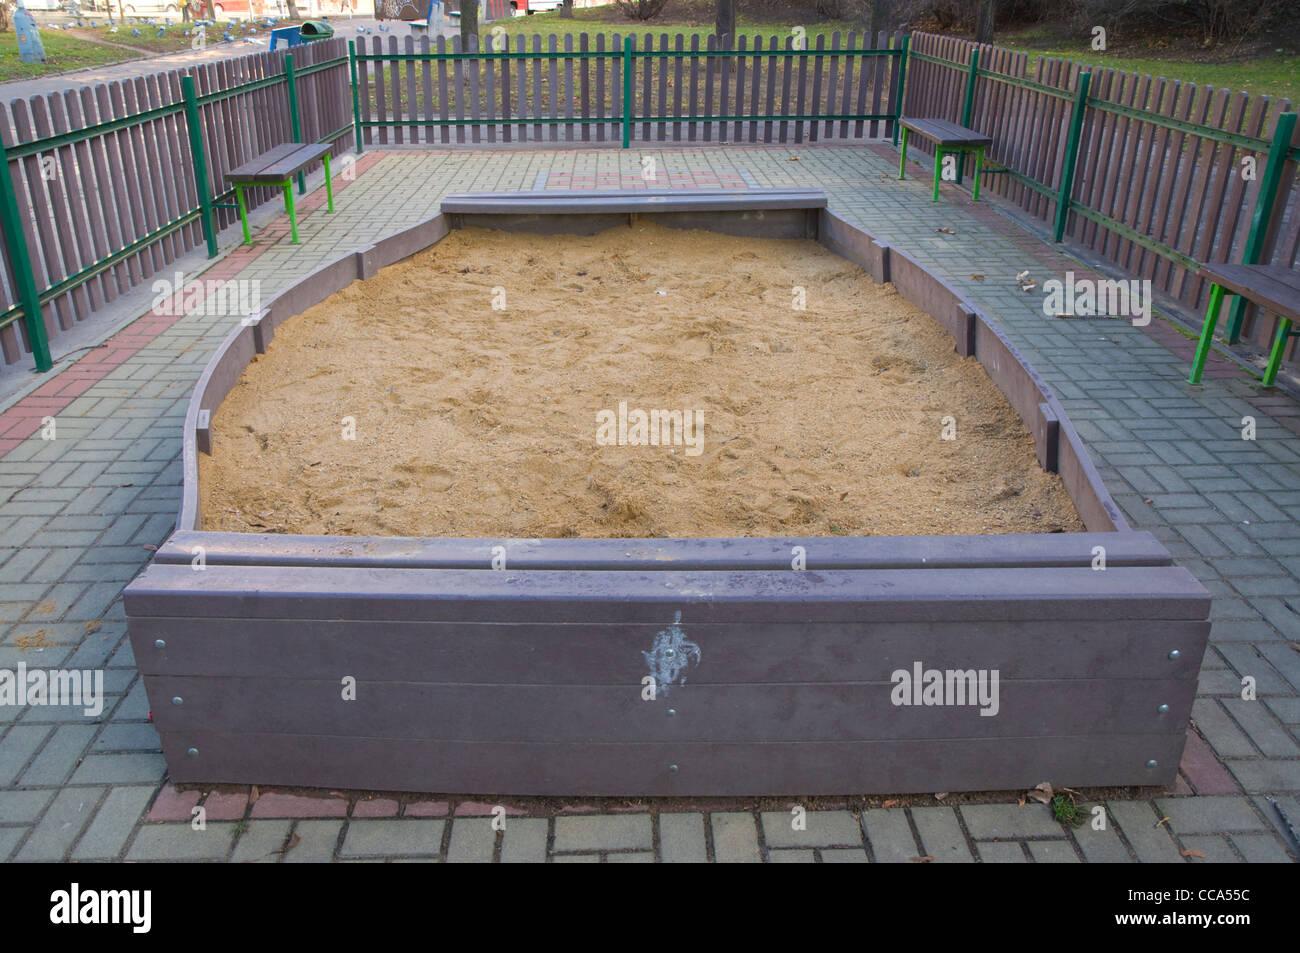 Sandbox childrens playground in winter Zizkov district Prague Czech Republic Europe - Stock Image